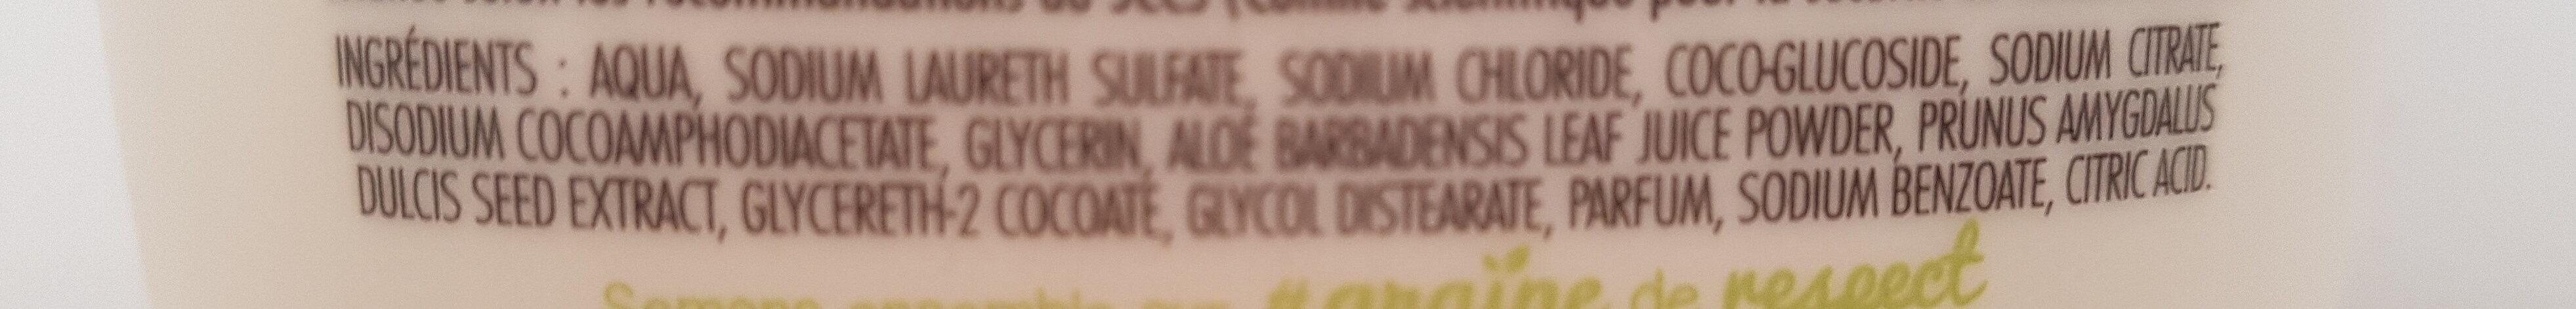 Crème lavante mains hydratante - Ingrédients - fr